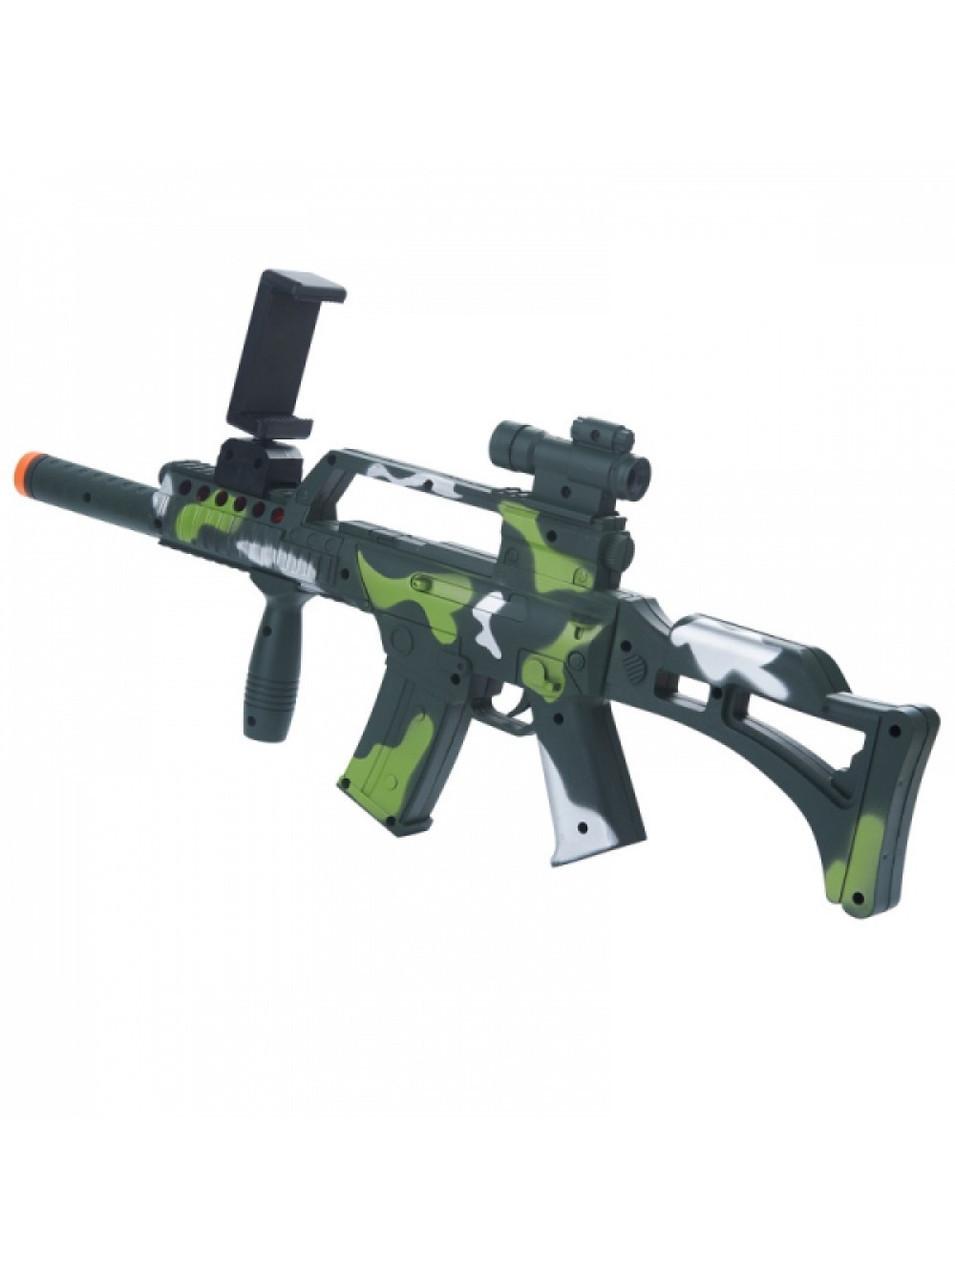 Игрушечный автомат дополненной реальности AR GAME GUNAR-805 Черно-зеленый (gr006615)